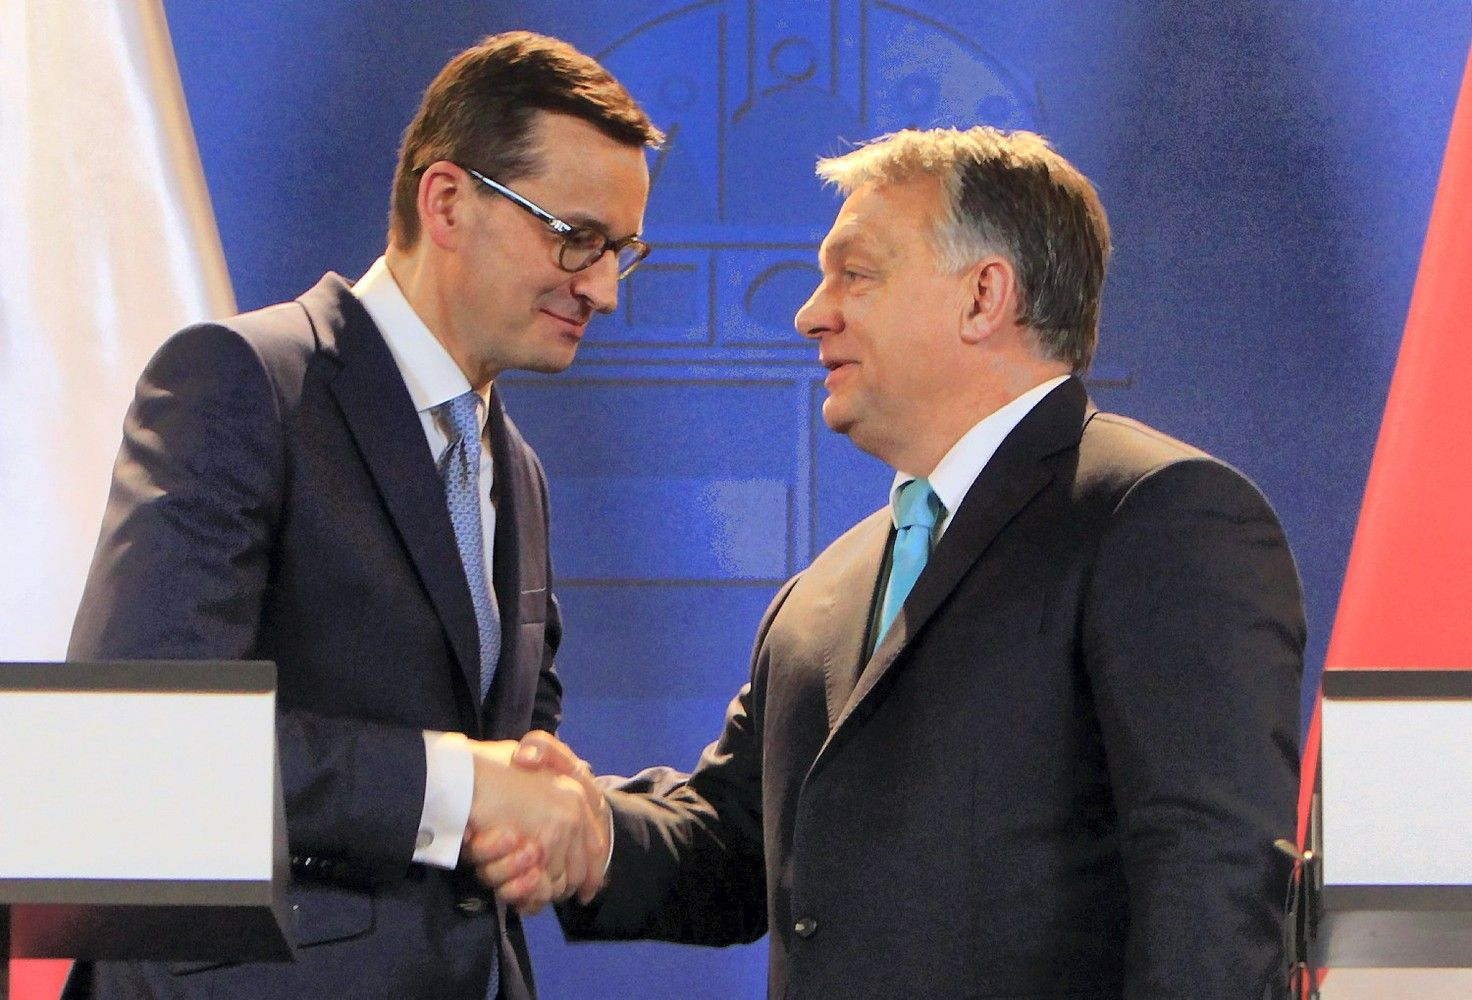 Lenkija ir Vengrija: mūsų balsas apie Europos ateitį turi būti išgirstas